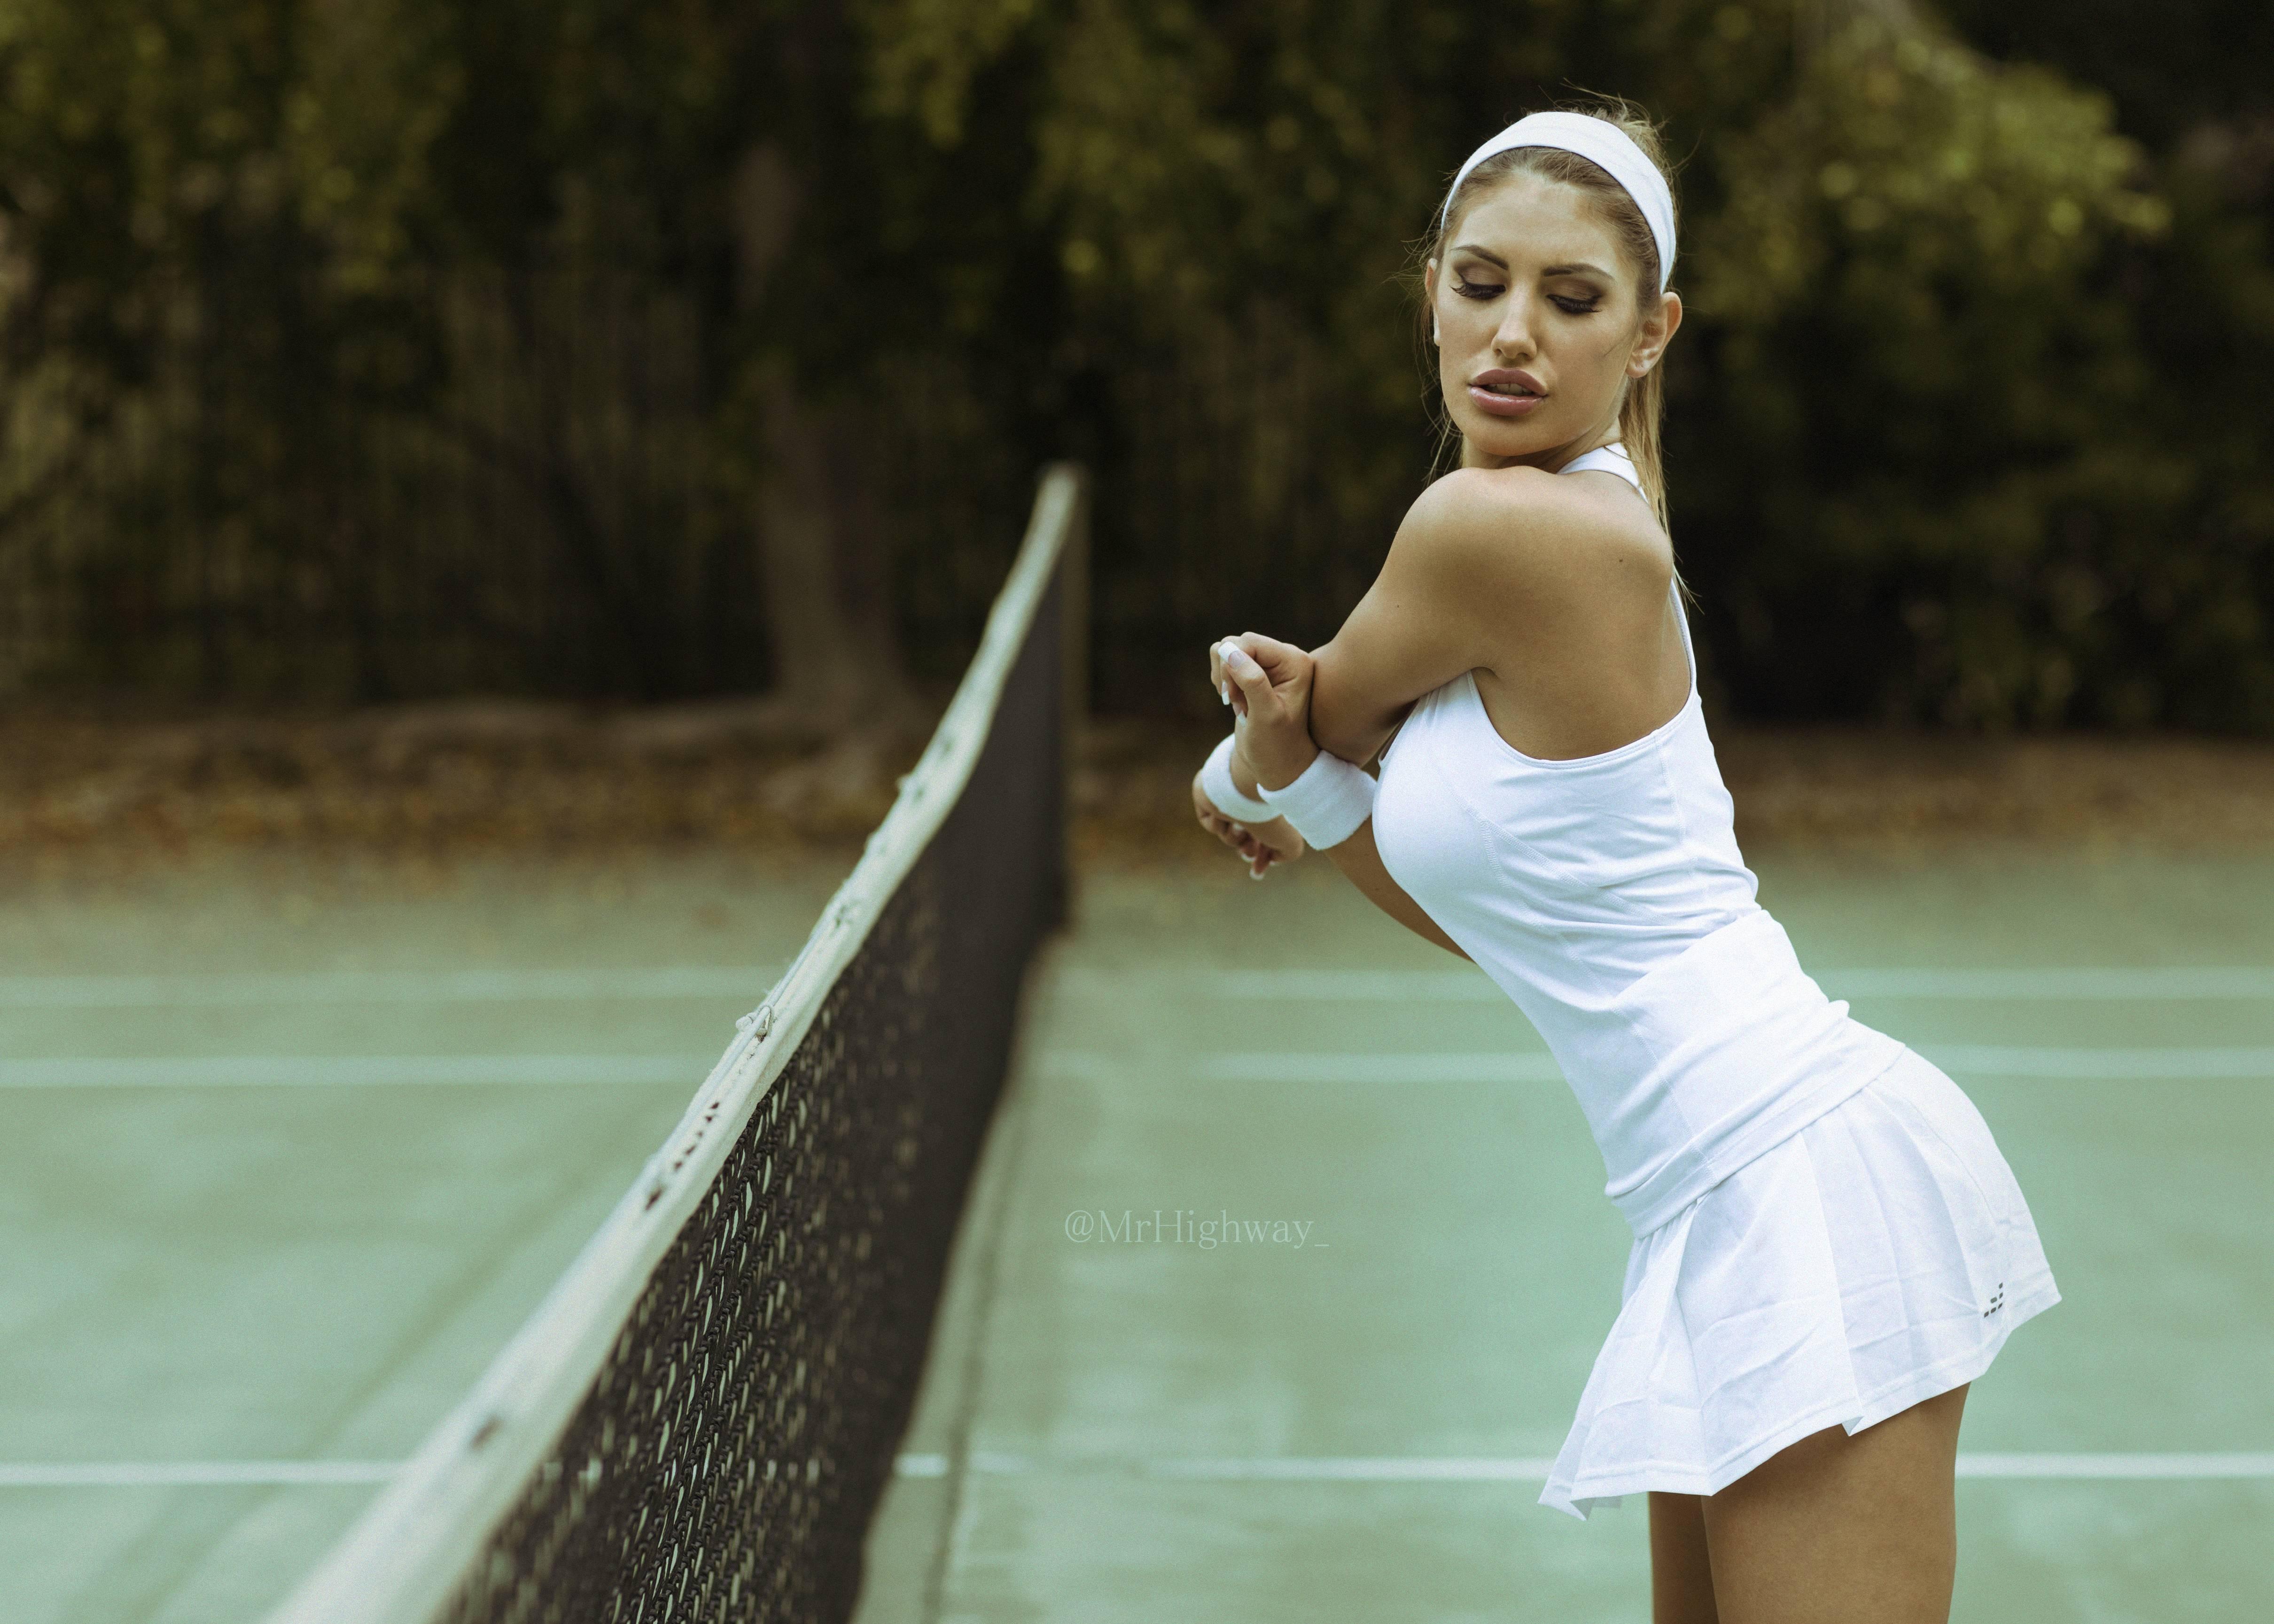 tennis in white.jpg